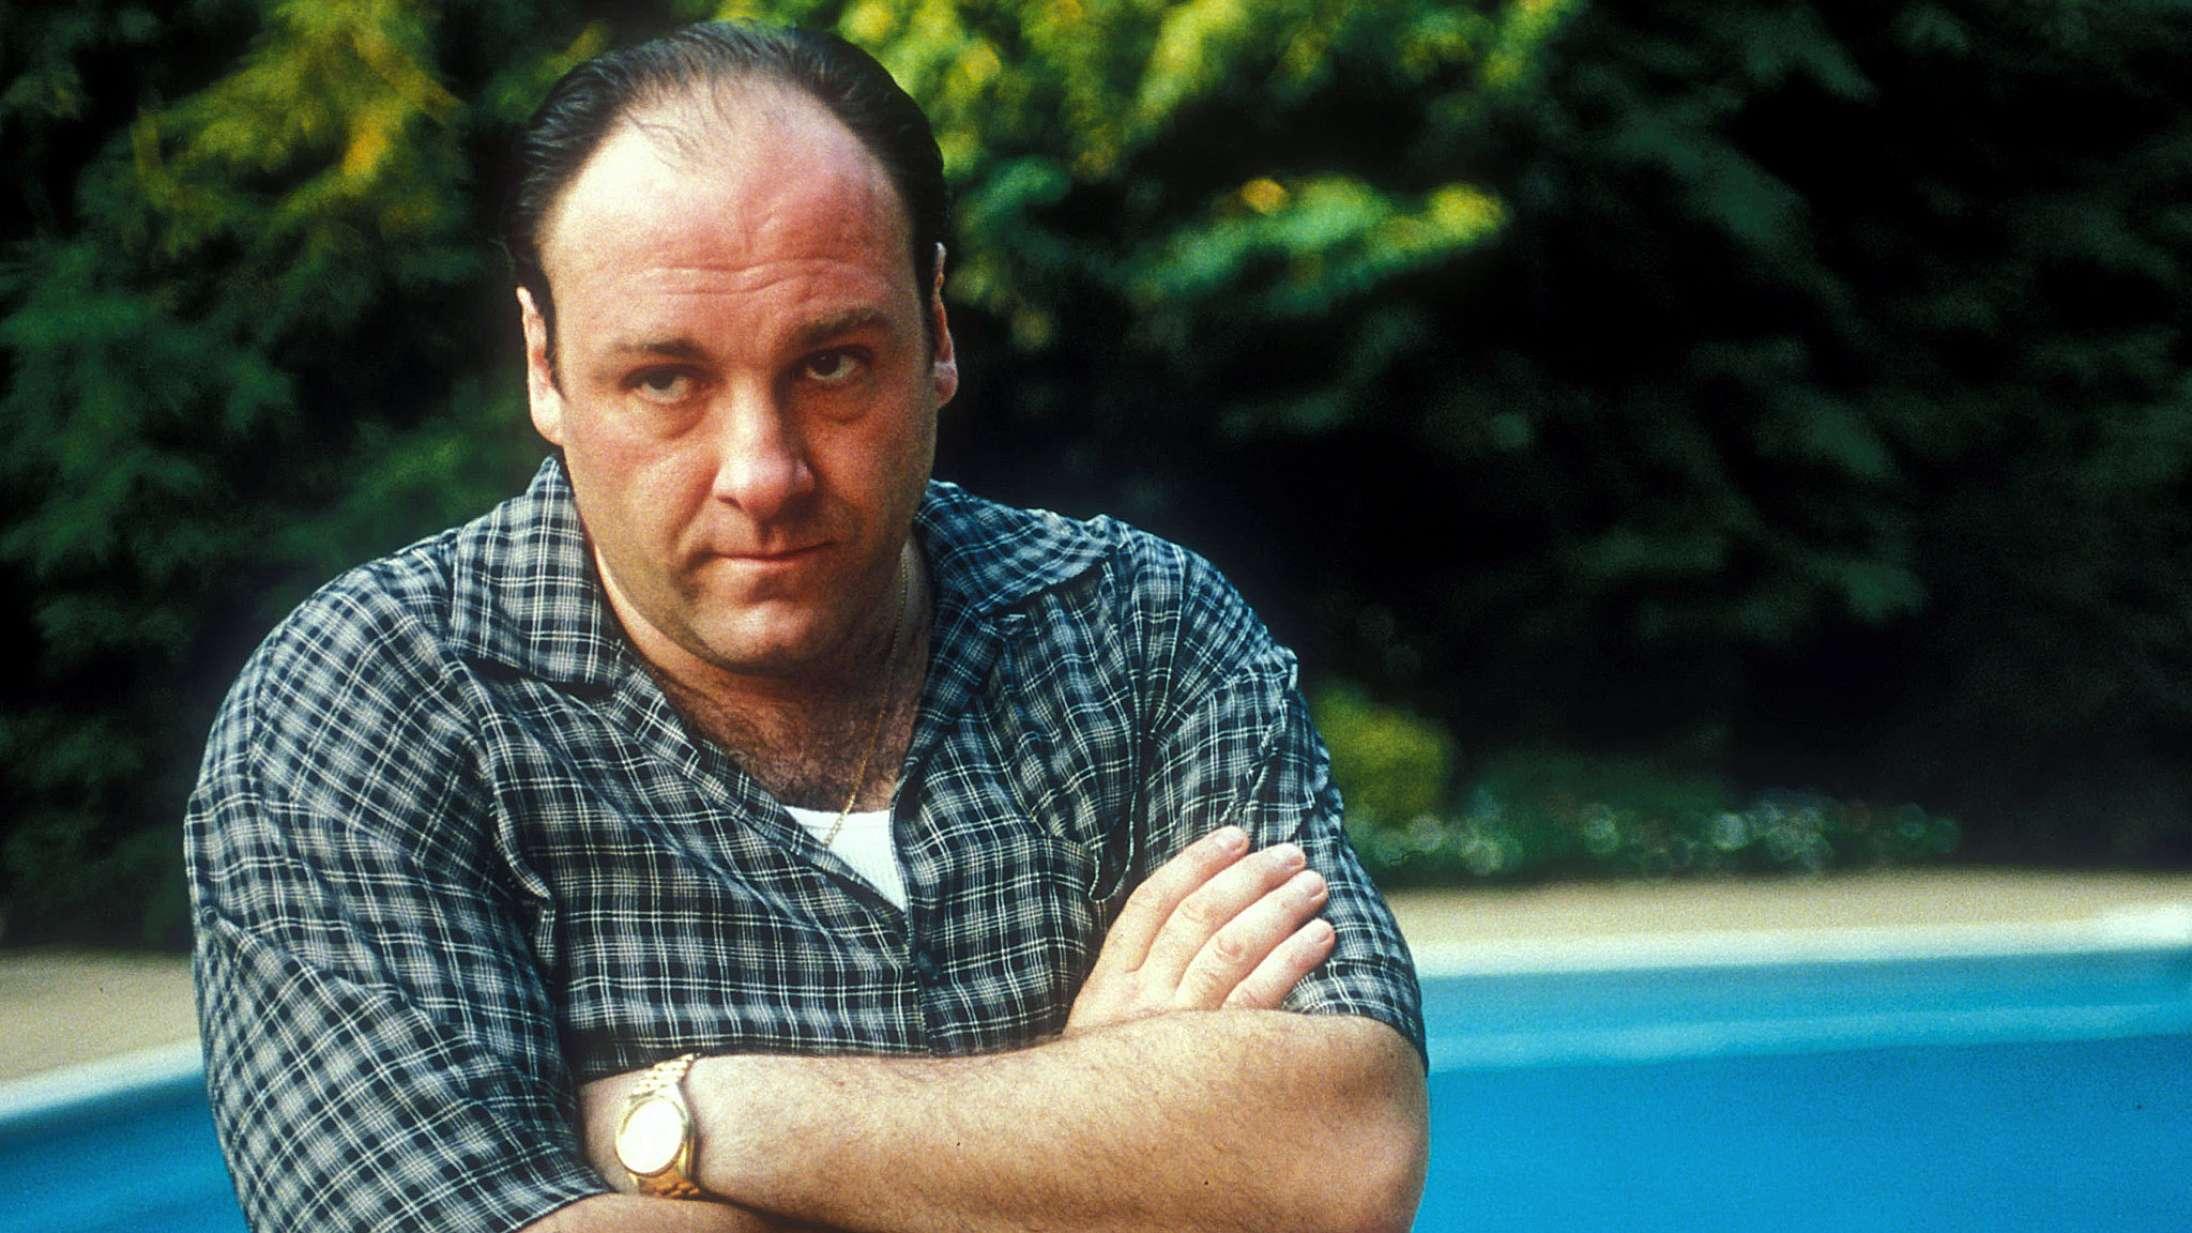 Tony Sopranos mest ikoniske mord var for grænseoverskridende for HBO